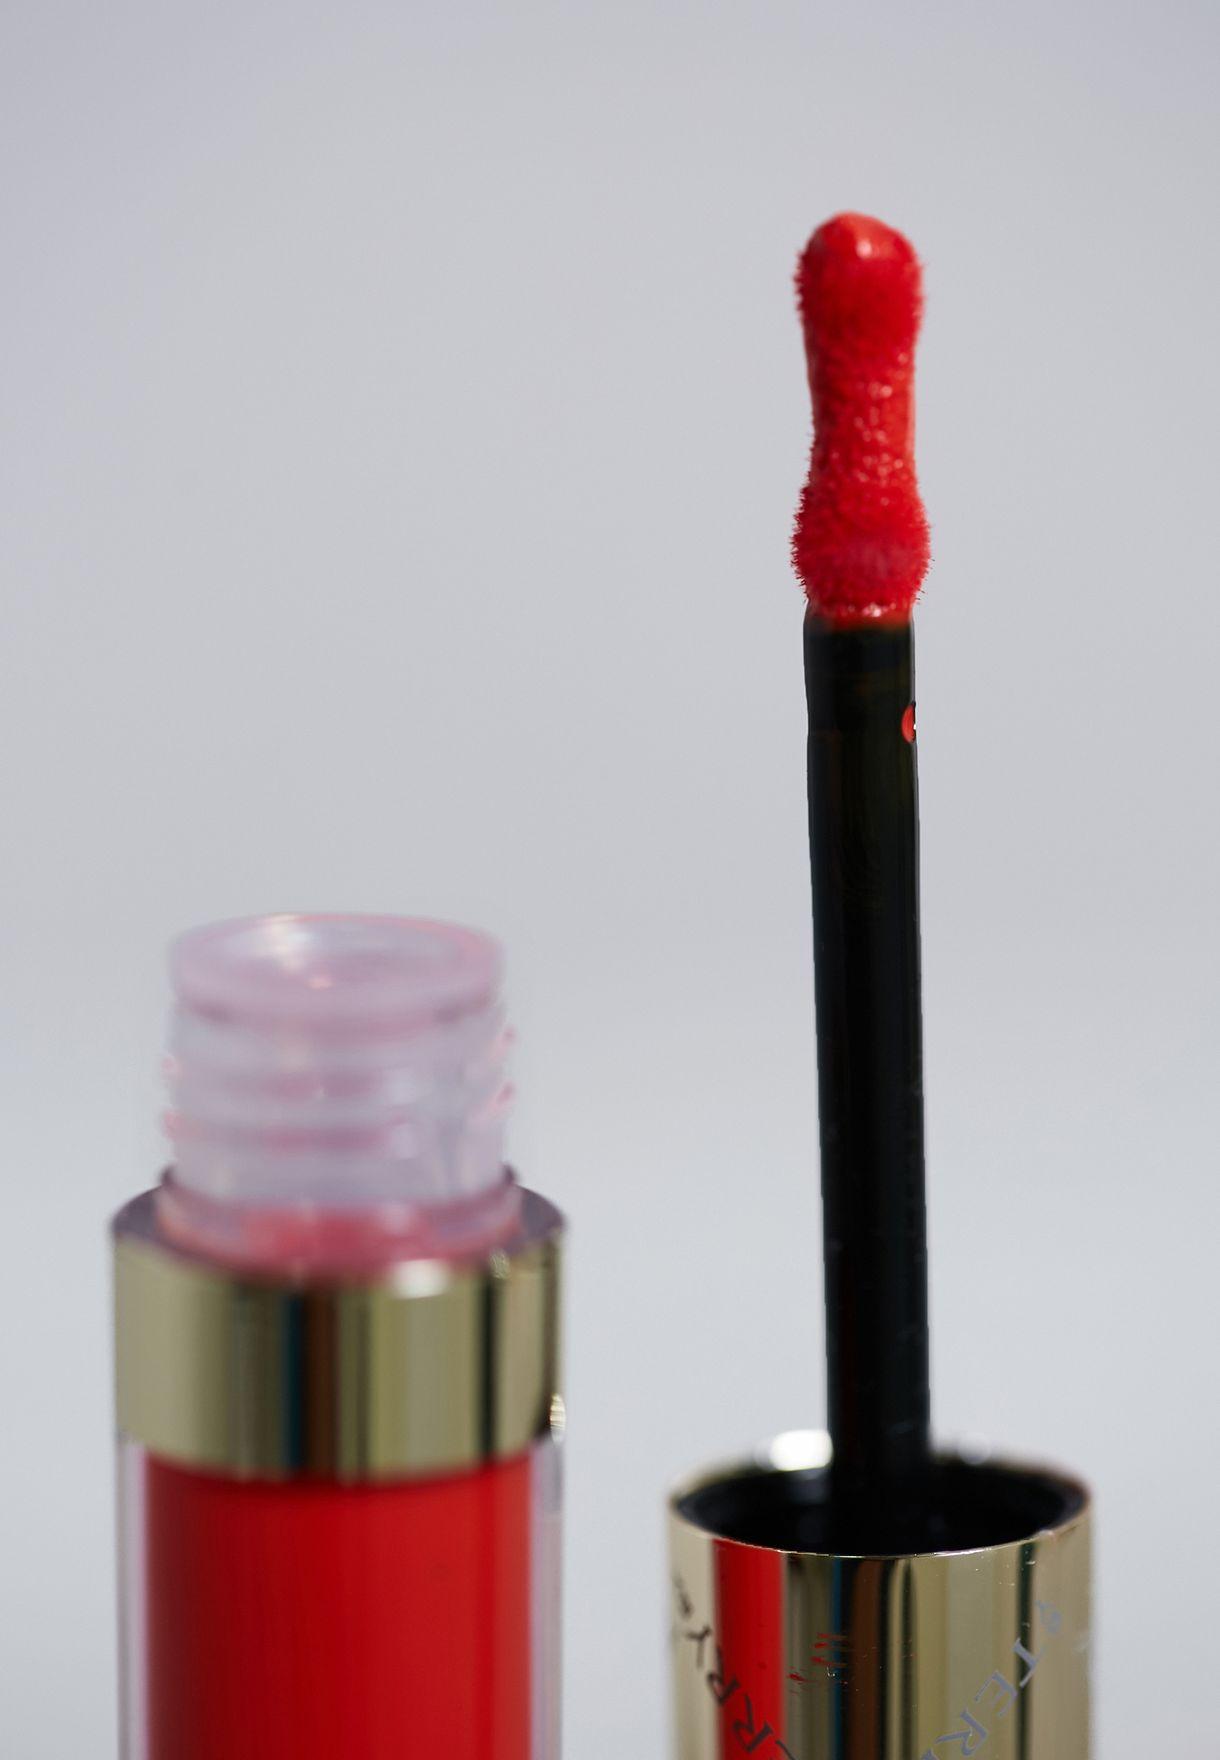 3f65a86de تسوق احمر شفاه سائل تيريبلي فيلفت - # 8 اينجو روج 2 مل/0.07 أونصة ...